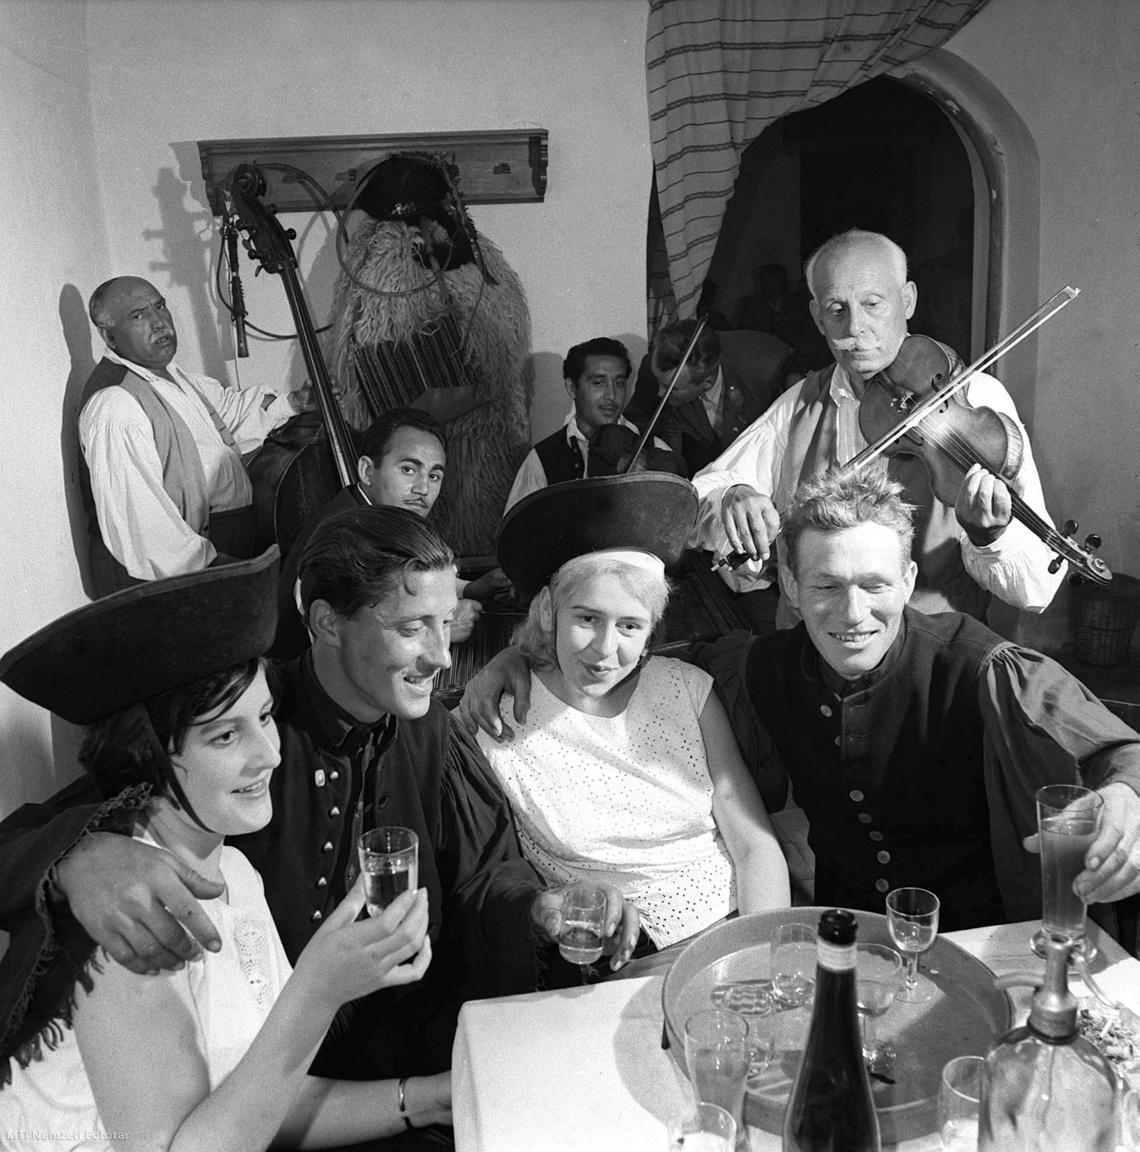 1963. május 10. Német vendégek egy hortobágyi csárdában a csikósokkal szórakoznak cigányzene hangjára